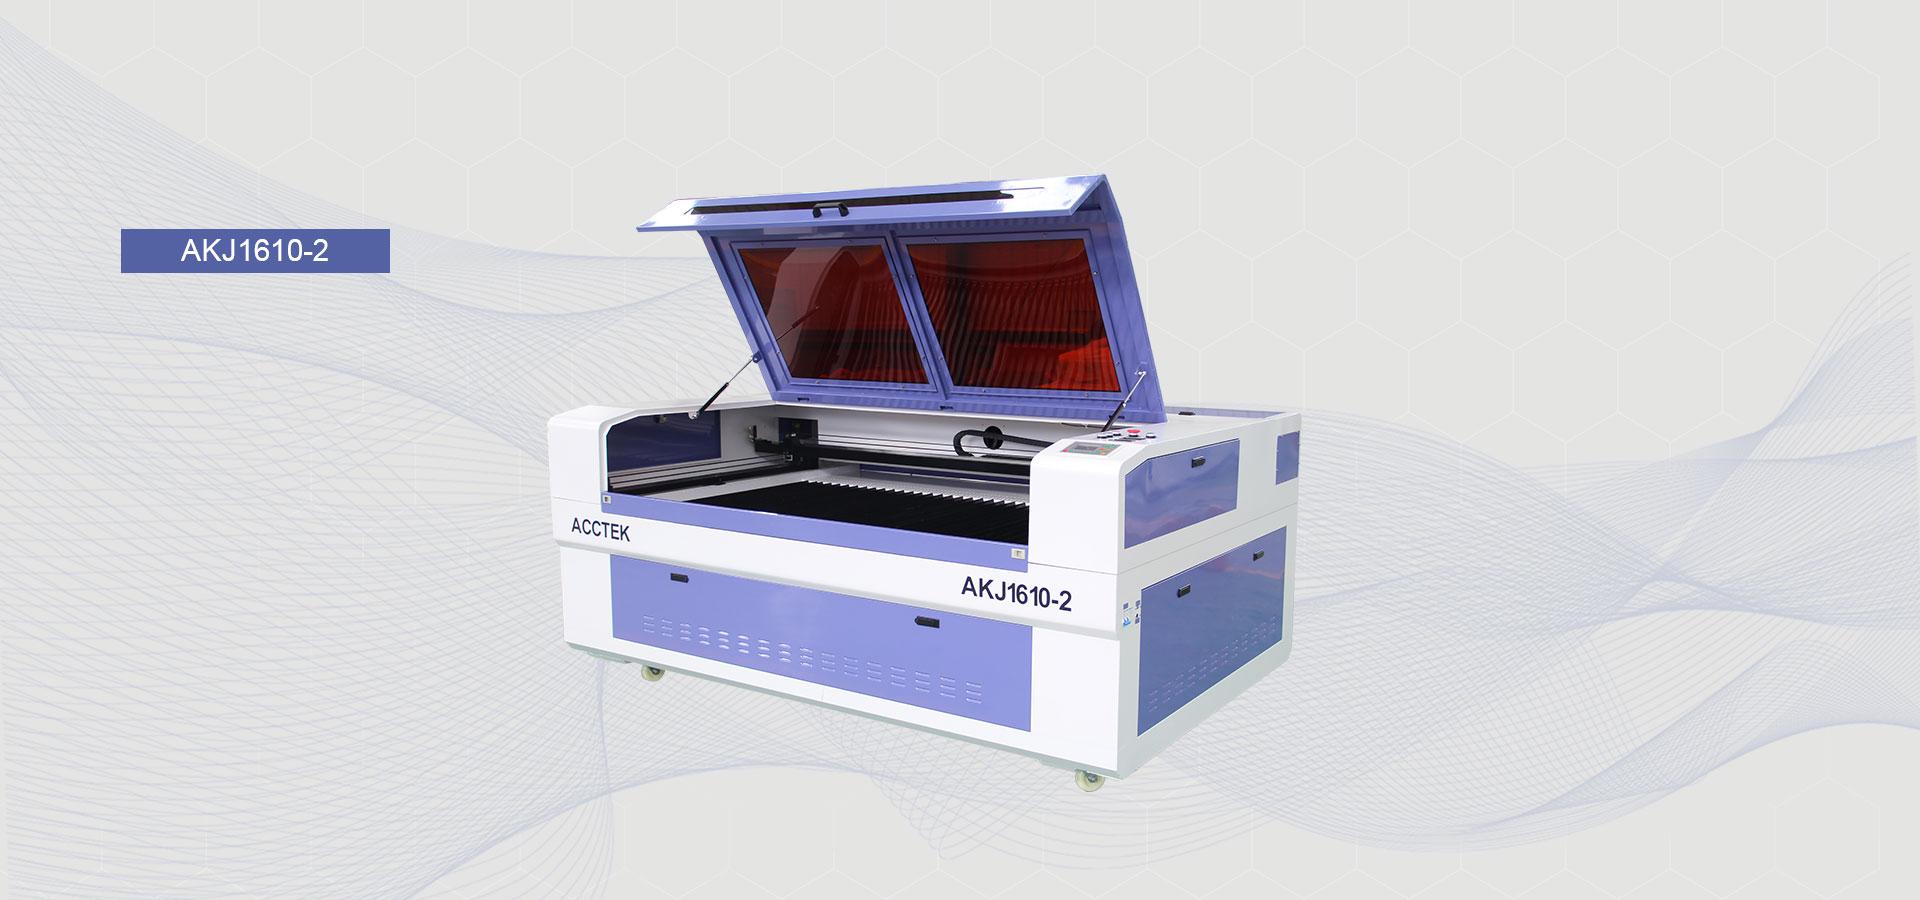 AKJ1610-2